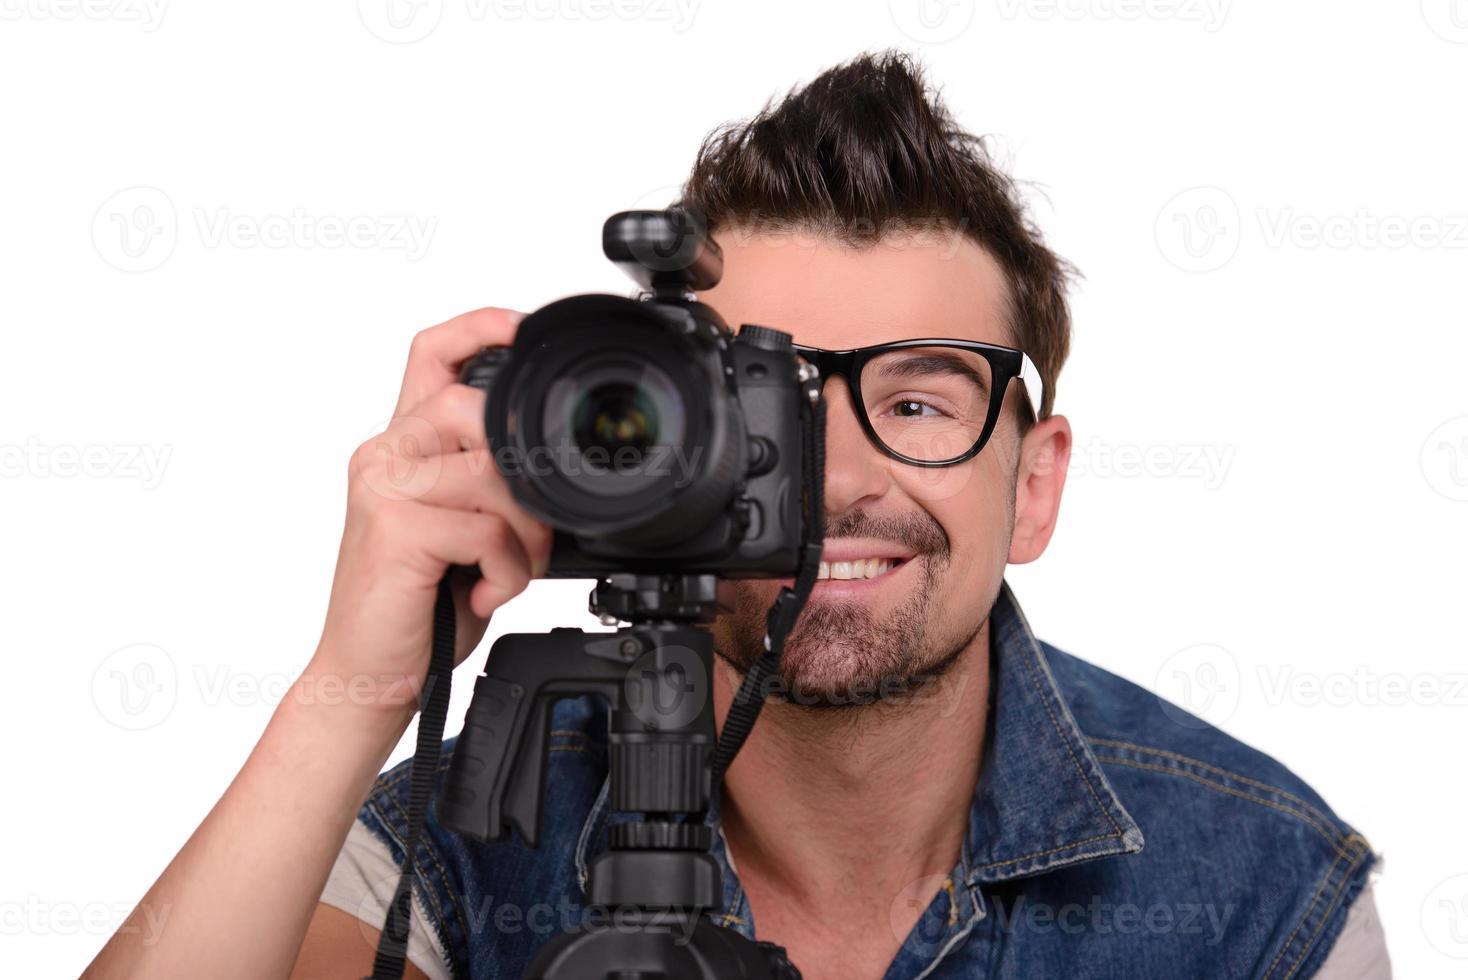 fotógrafo no trabalho foto